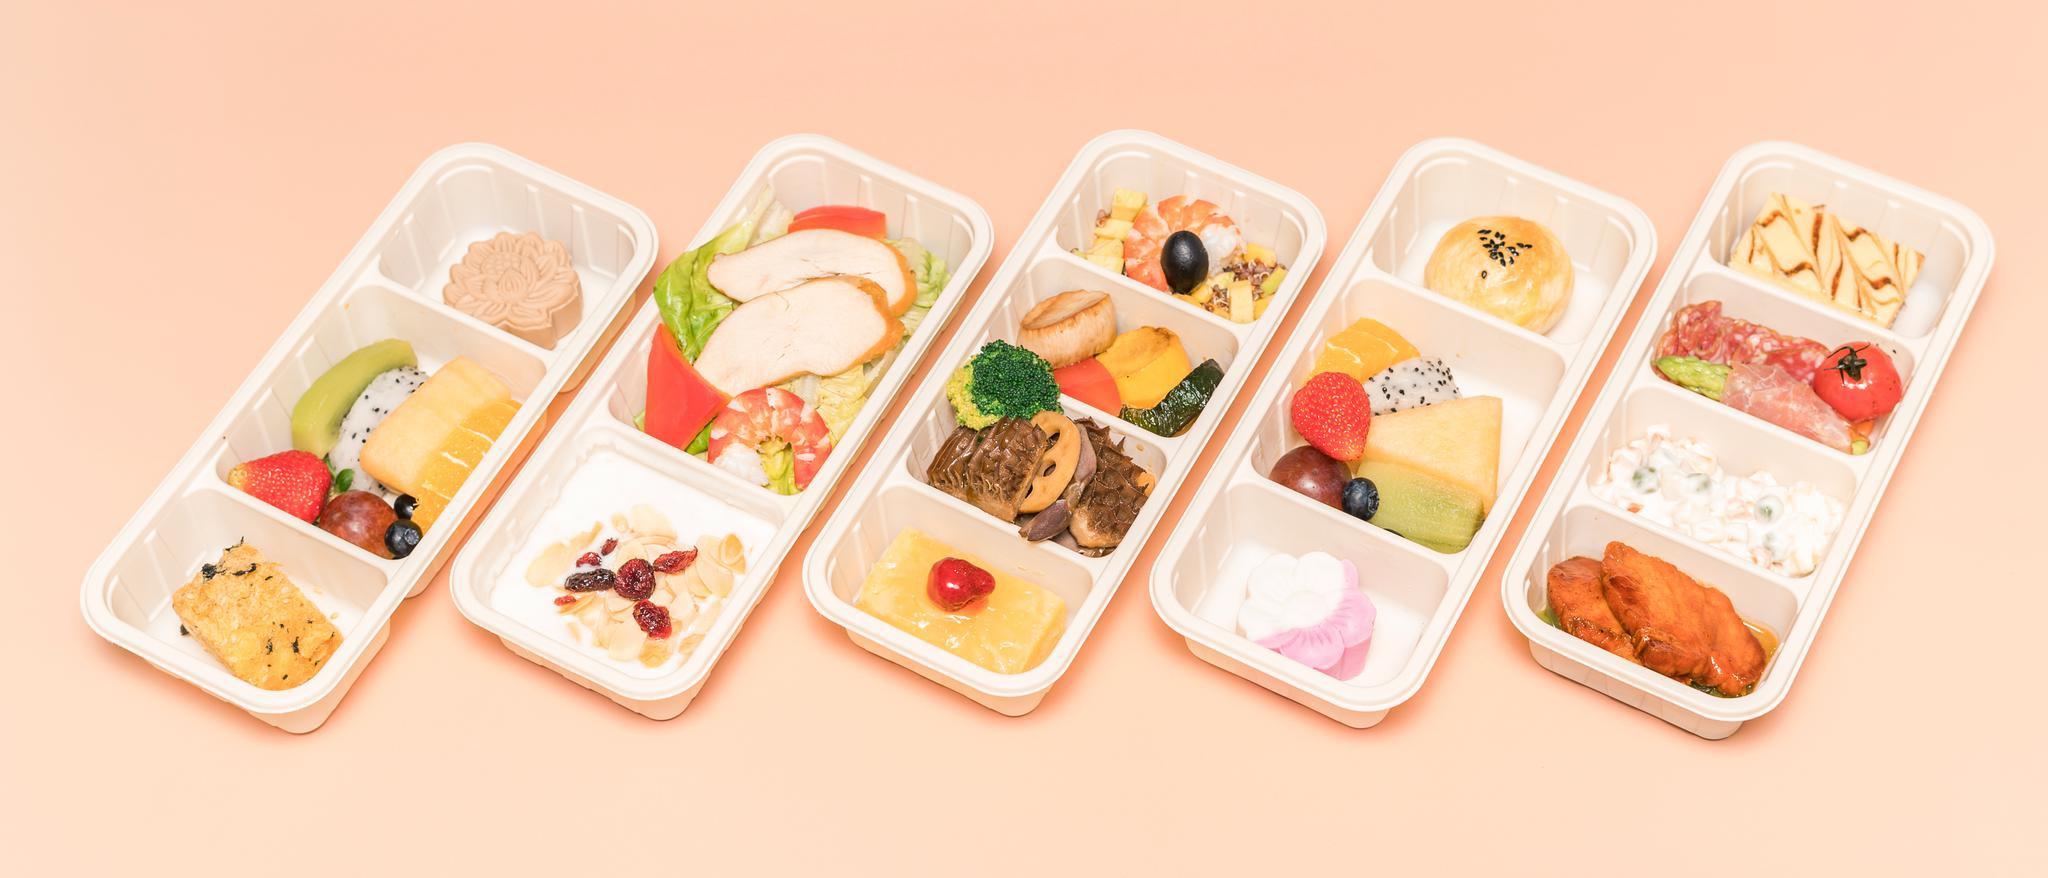 热腾腾的飞机餐回来了!多家航空公司陆续恢复机上热食供应